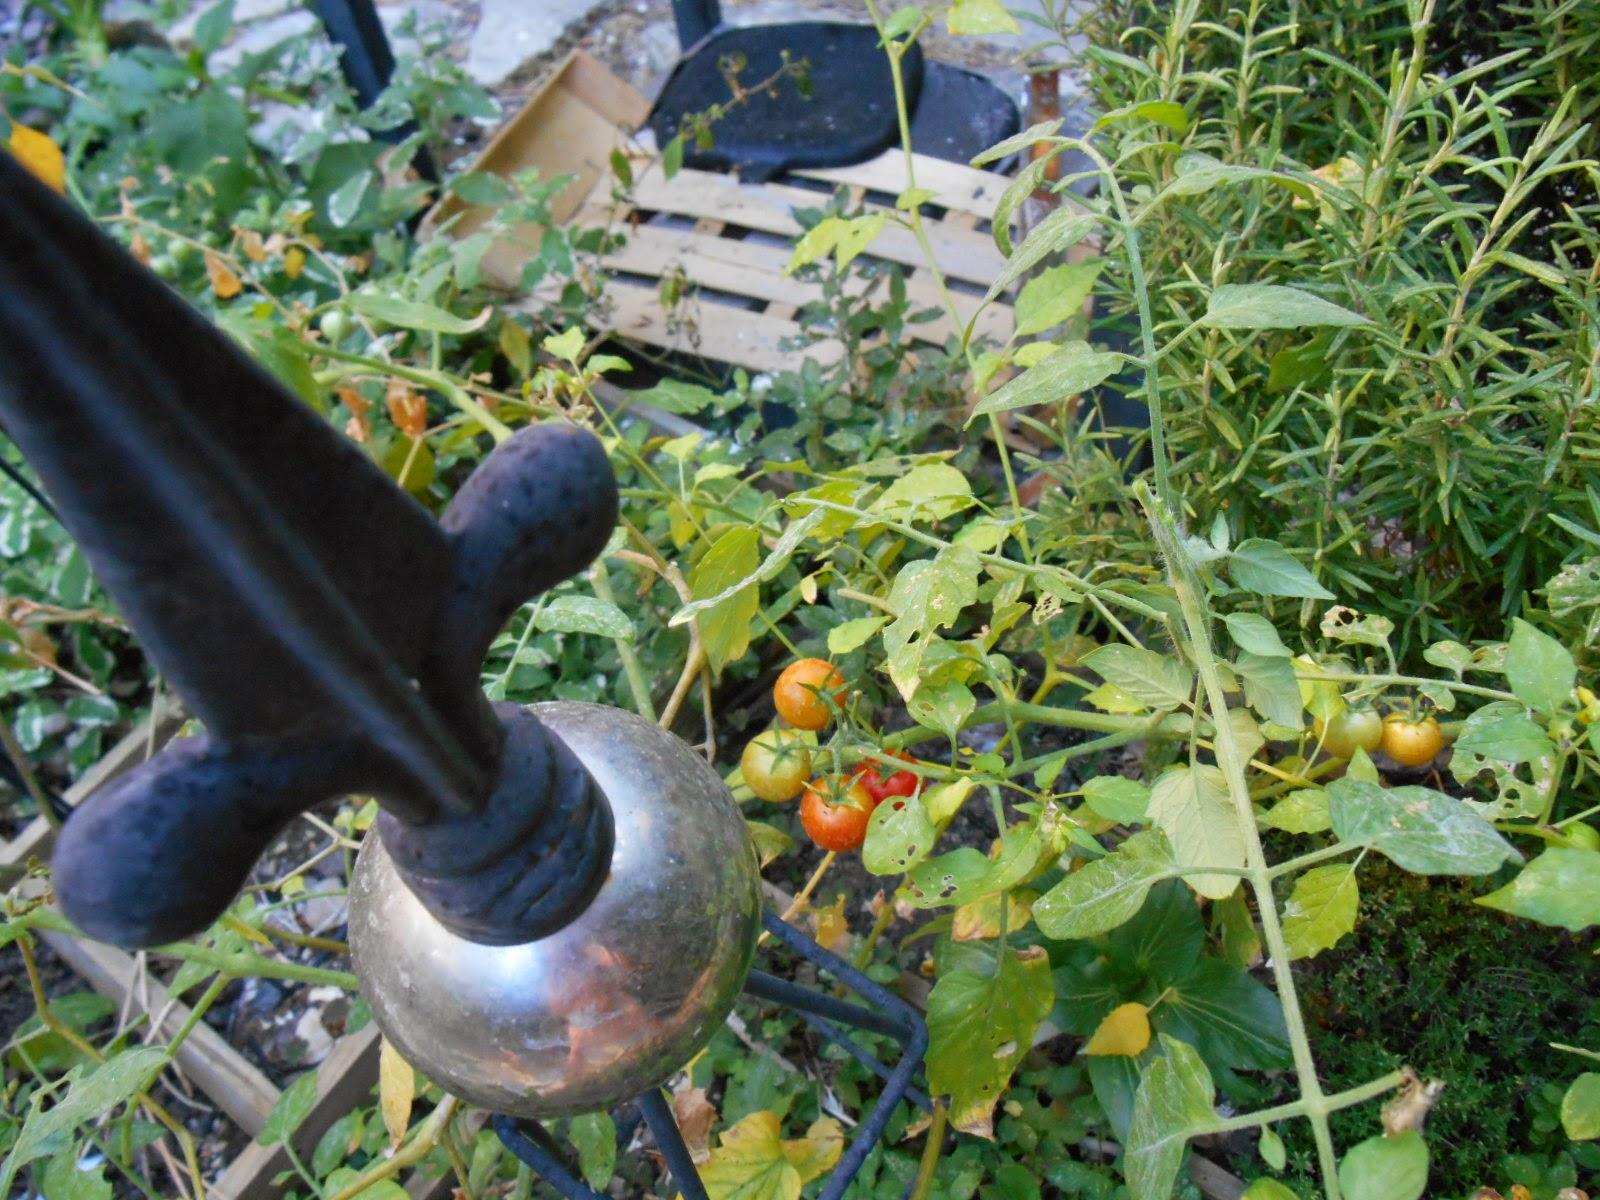 Le jardin de pascaline recette tarte la tomate cerise - Que faire avec des tomates du jardin ...